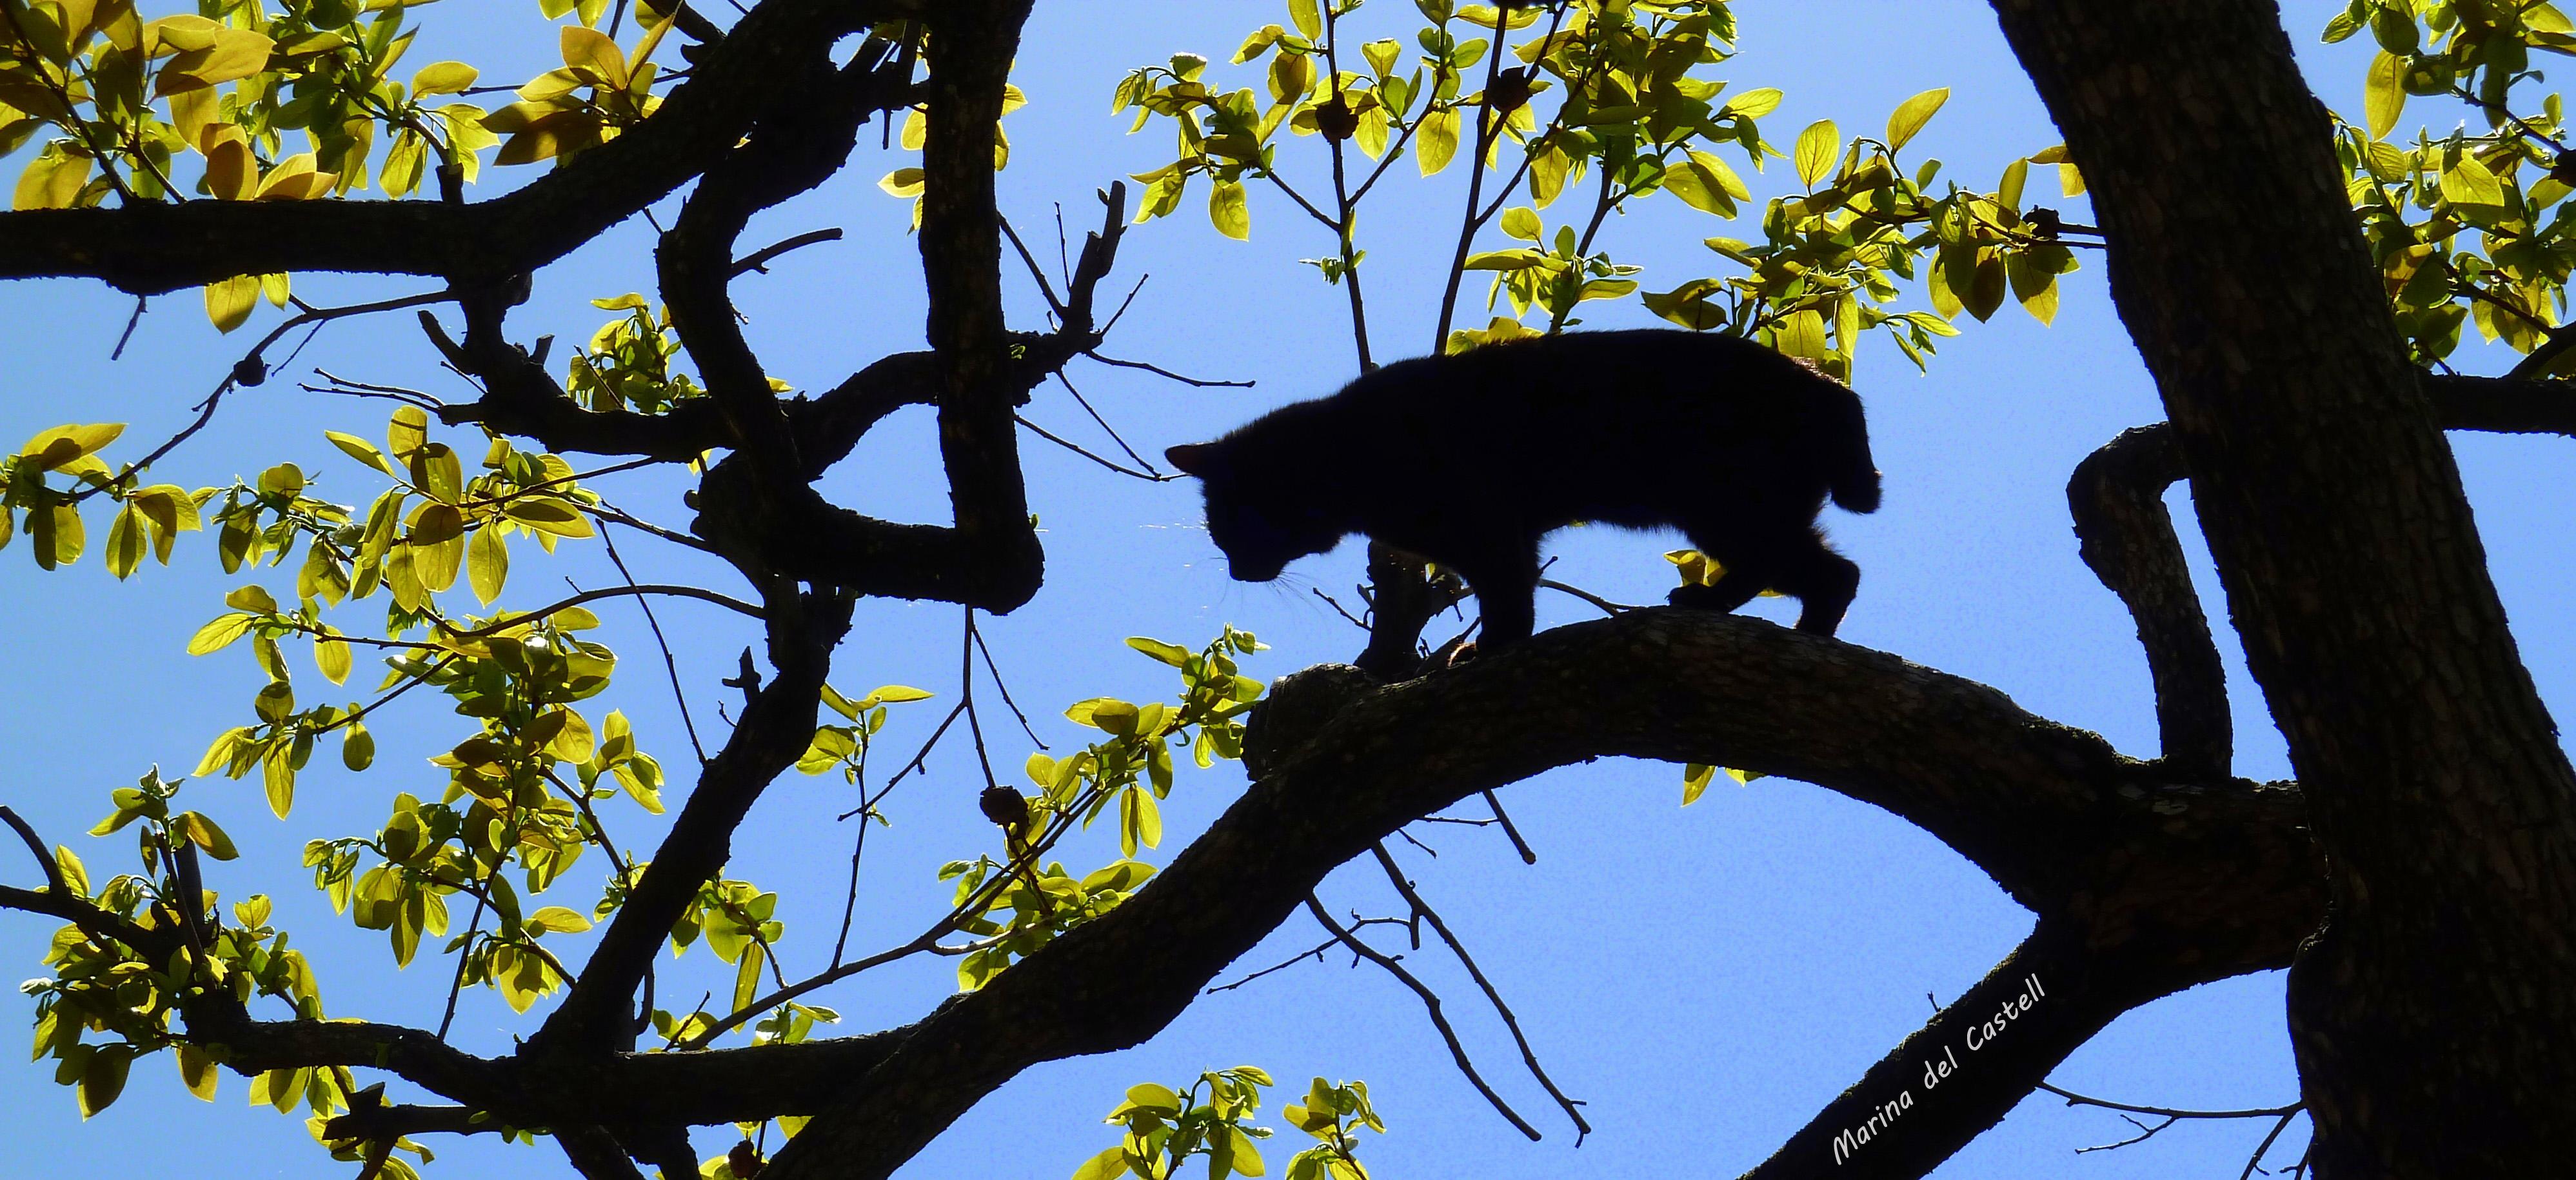 Darmowe Zdjęcia Drzewo Gałąź Sylwetka Fioletowy Azjatyckiego